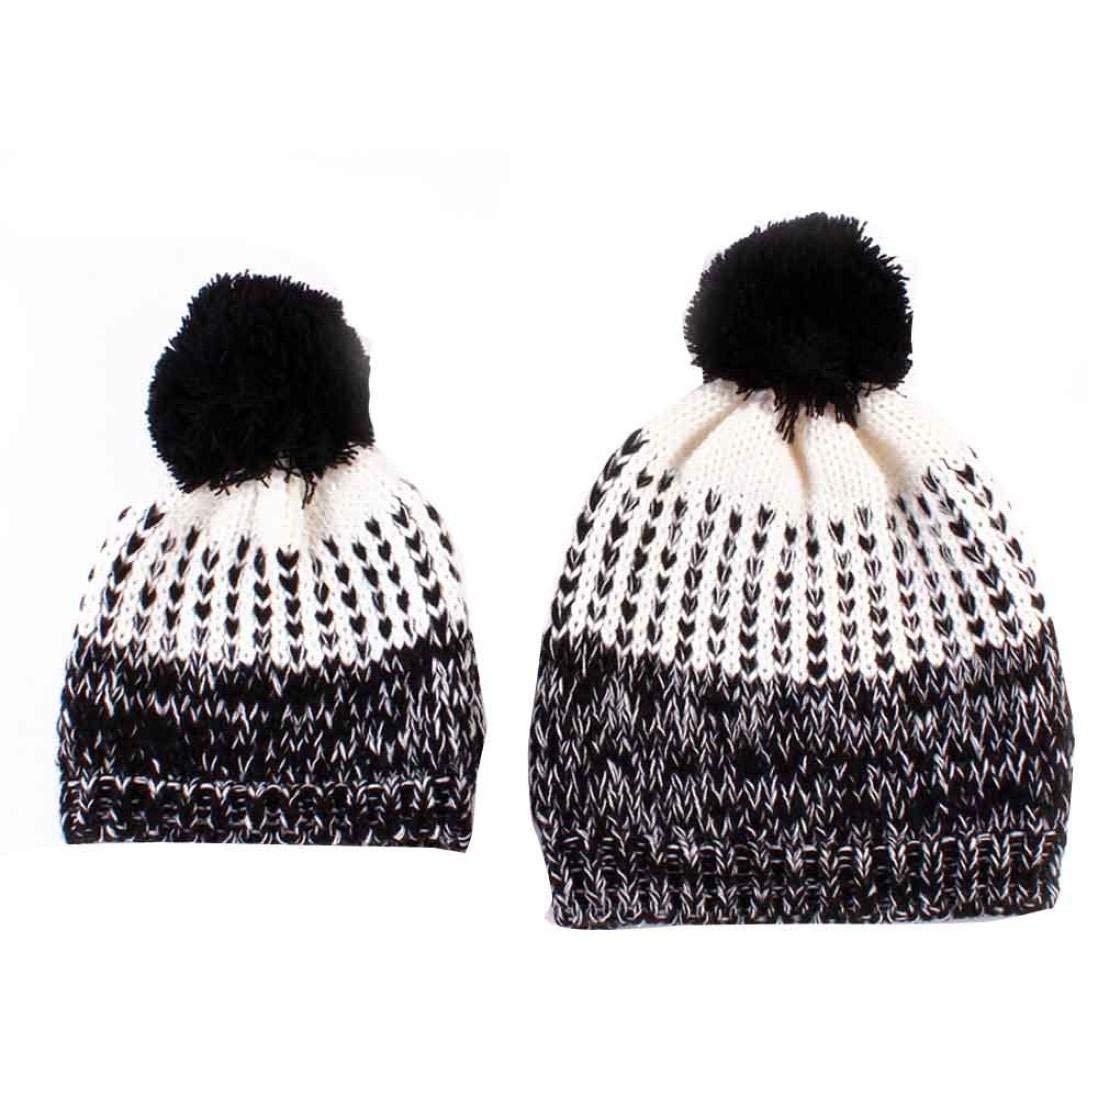 Gotd Mom and Baby Knitting Cap Winter Warm Hat Hemming Beanie (Matching Black)